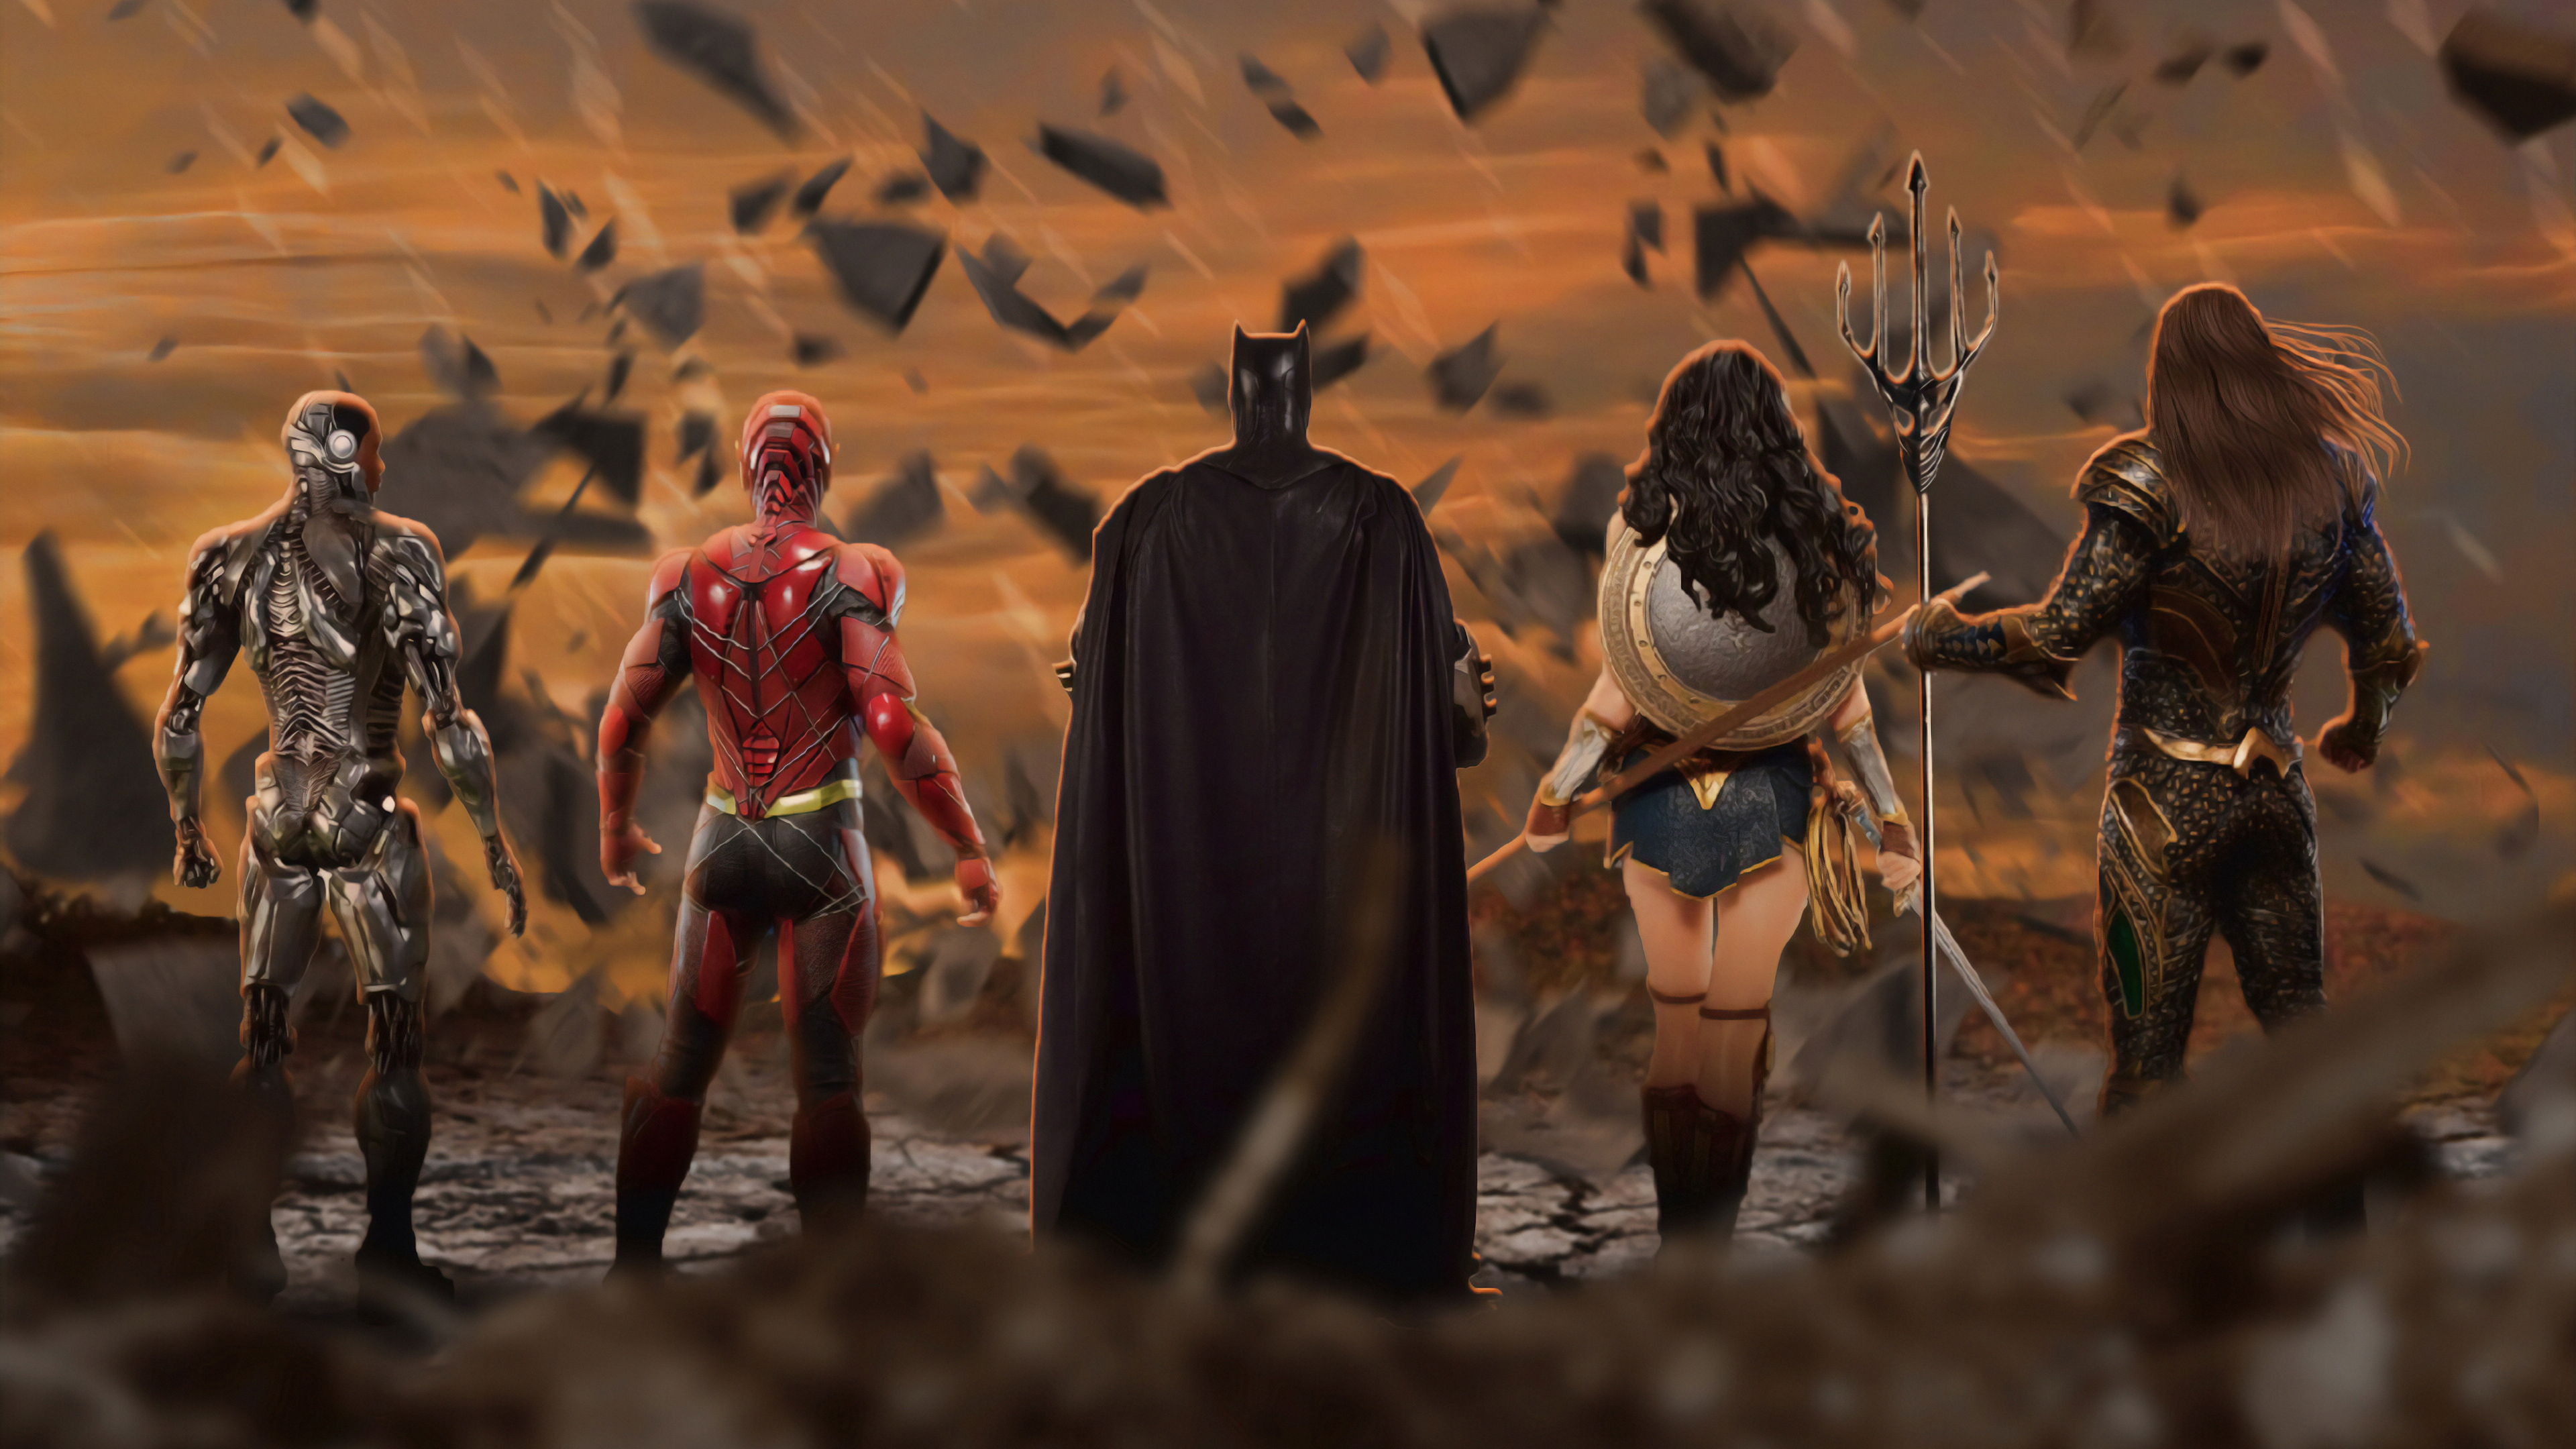 justice league 2019 1570394317 - Justice League 2019 - superheroes wallpapers, justice league wallpapers, hd-wallpapers, artwork wallpapers, artstation wallpapers, 4k-wallpapers